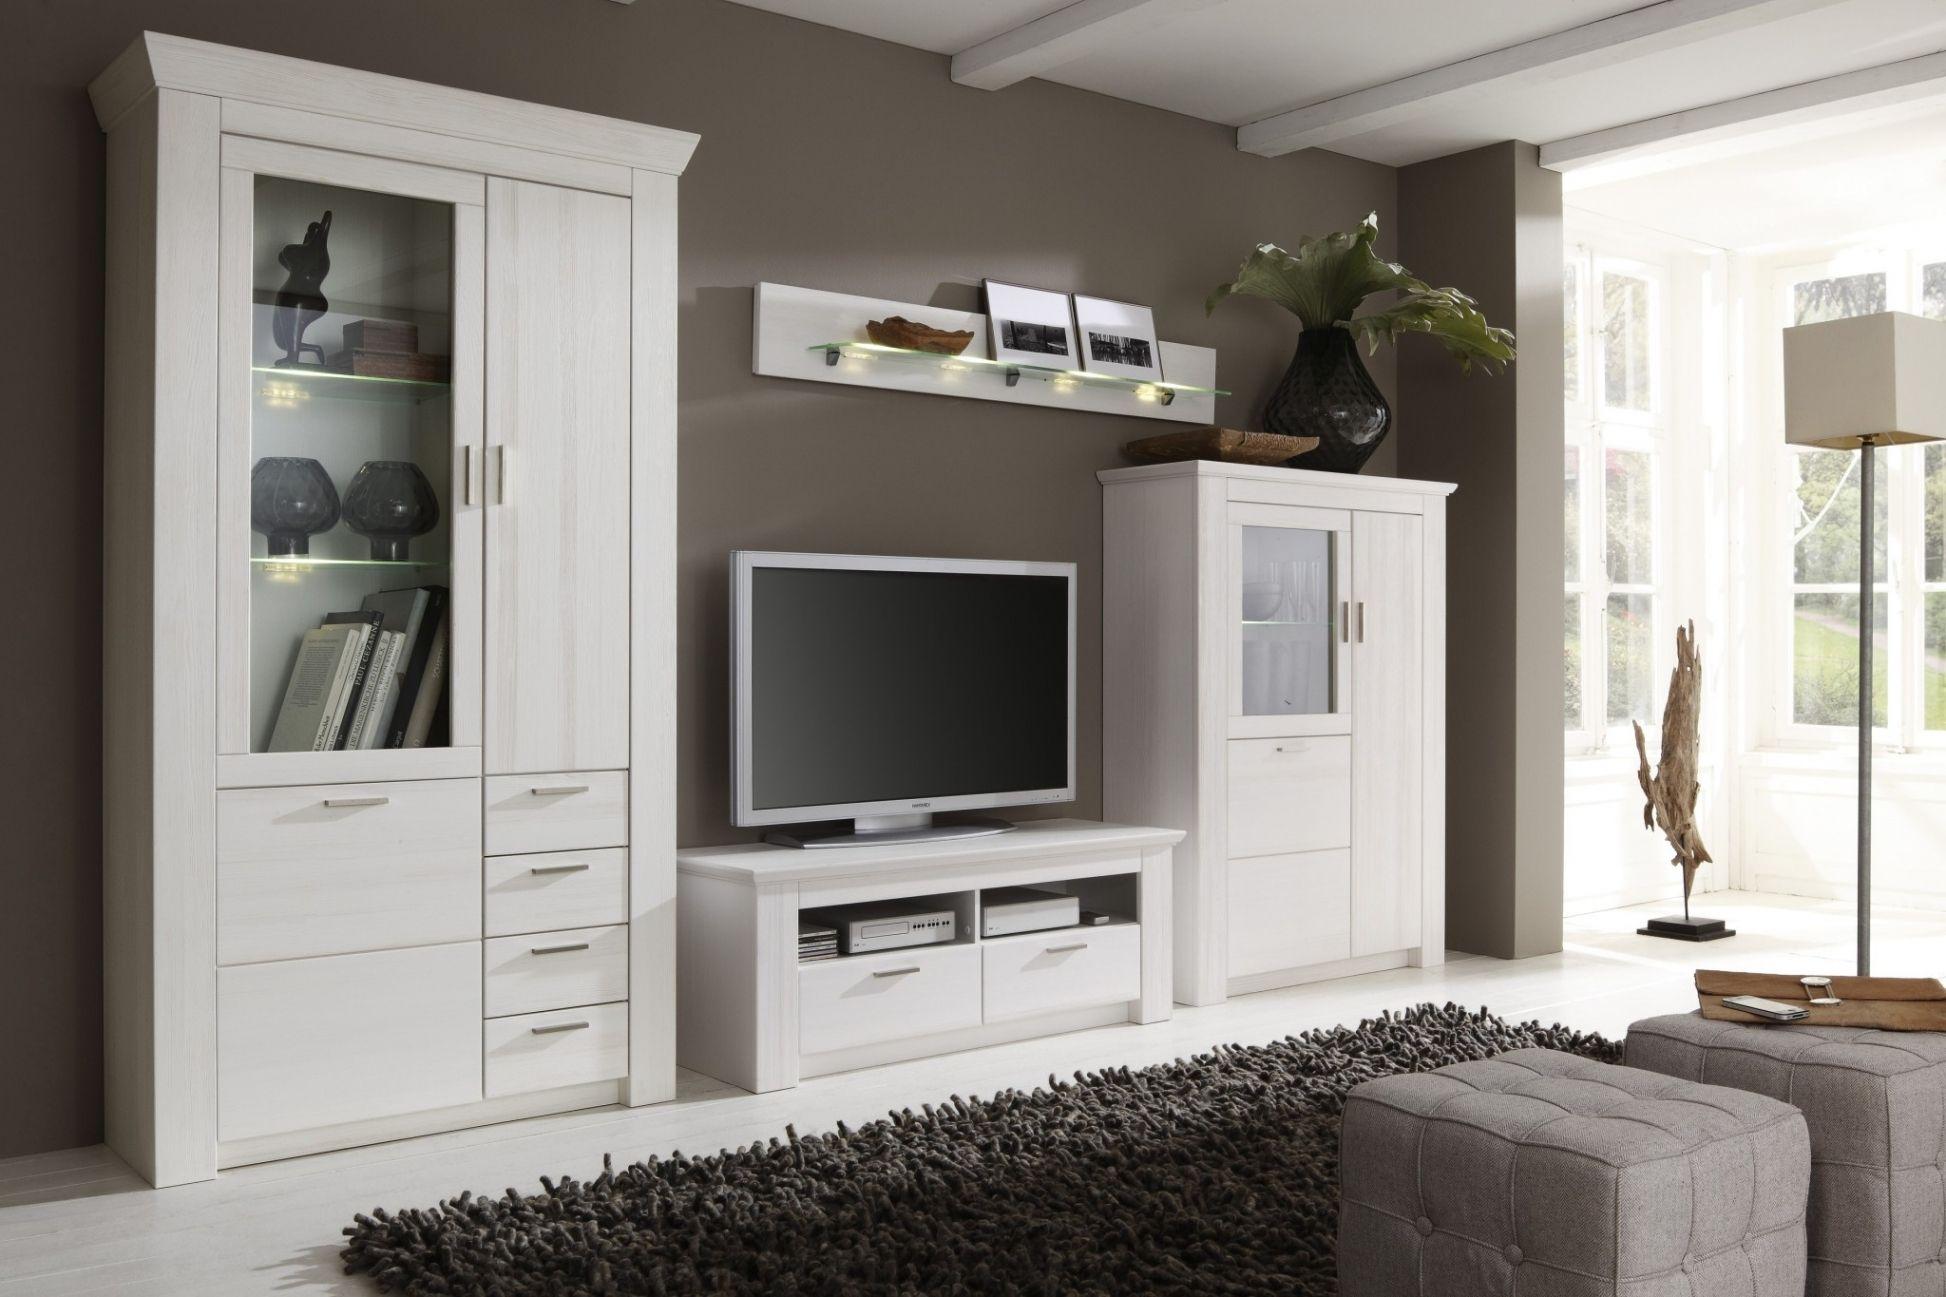 Lovely Wohnwand Landhaus Modern Wohnzimmermöbel Pinterest Resume